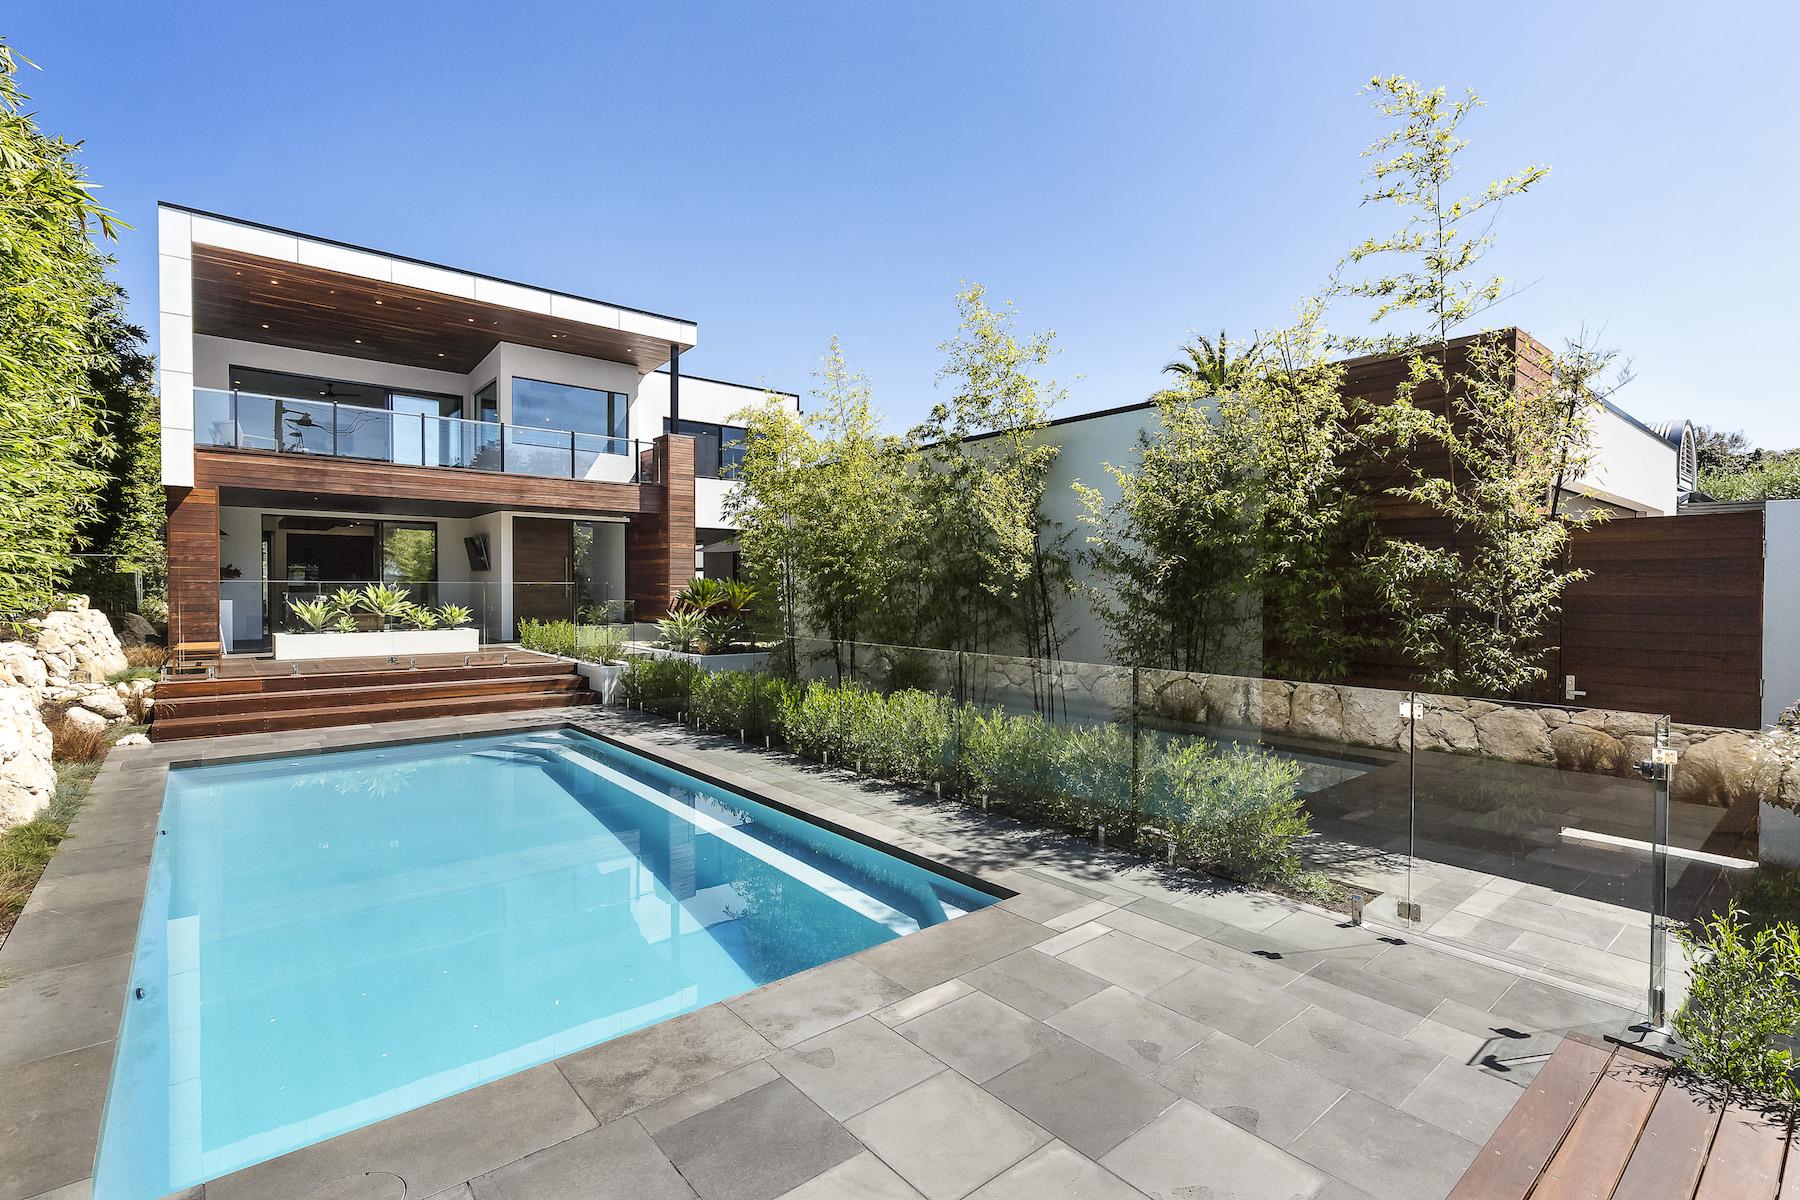 Maison unifamiliale pour l Vente à 2983 Point Nepean Road, Blairgowrie Blairgowrie, Victoria, 3942 Australie